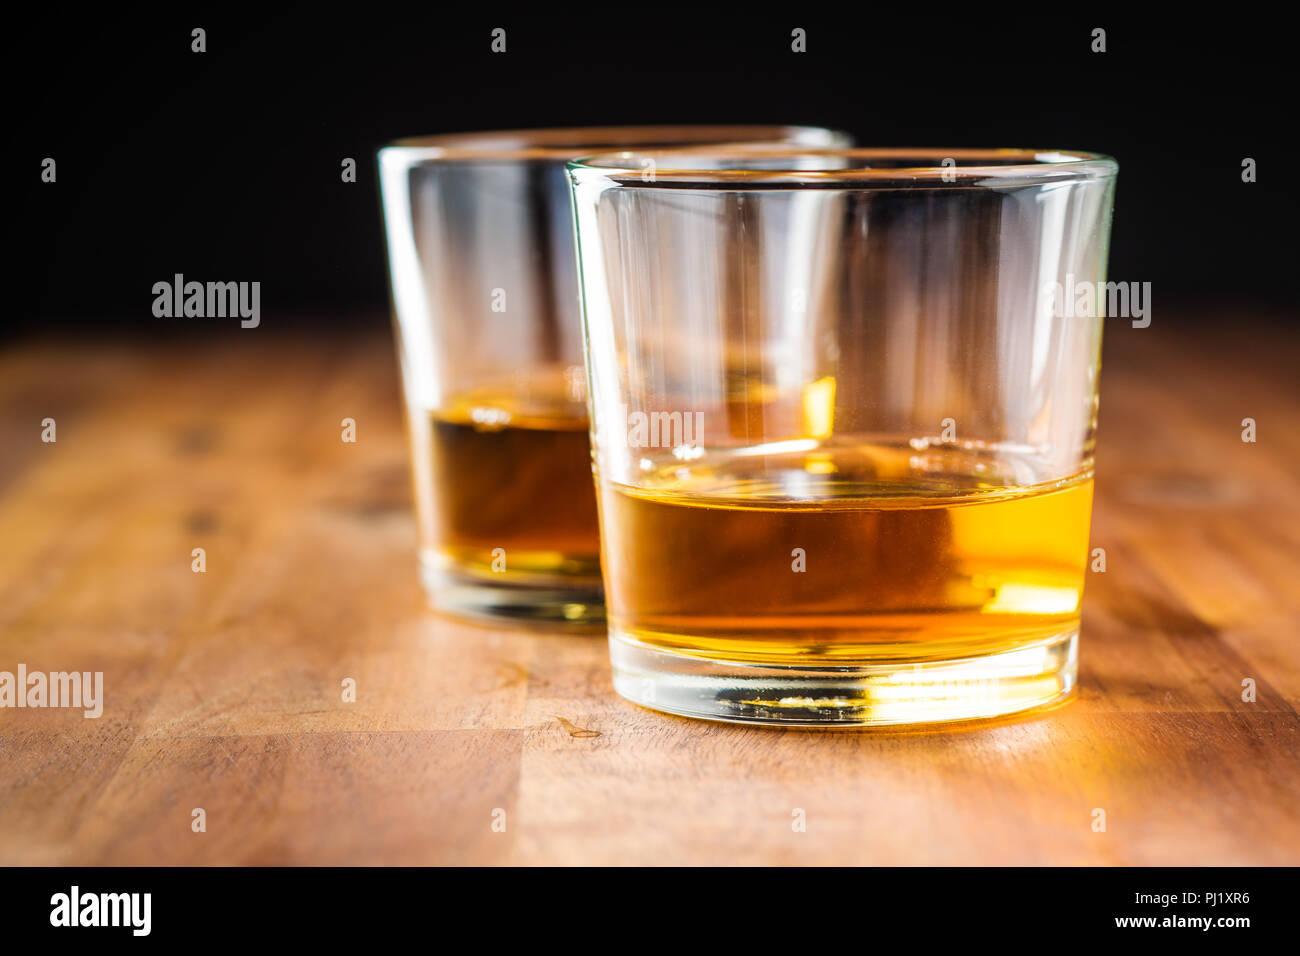 Glas alkoholisches Getränk Holztisch. Whiskey in Glas. Stockbild